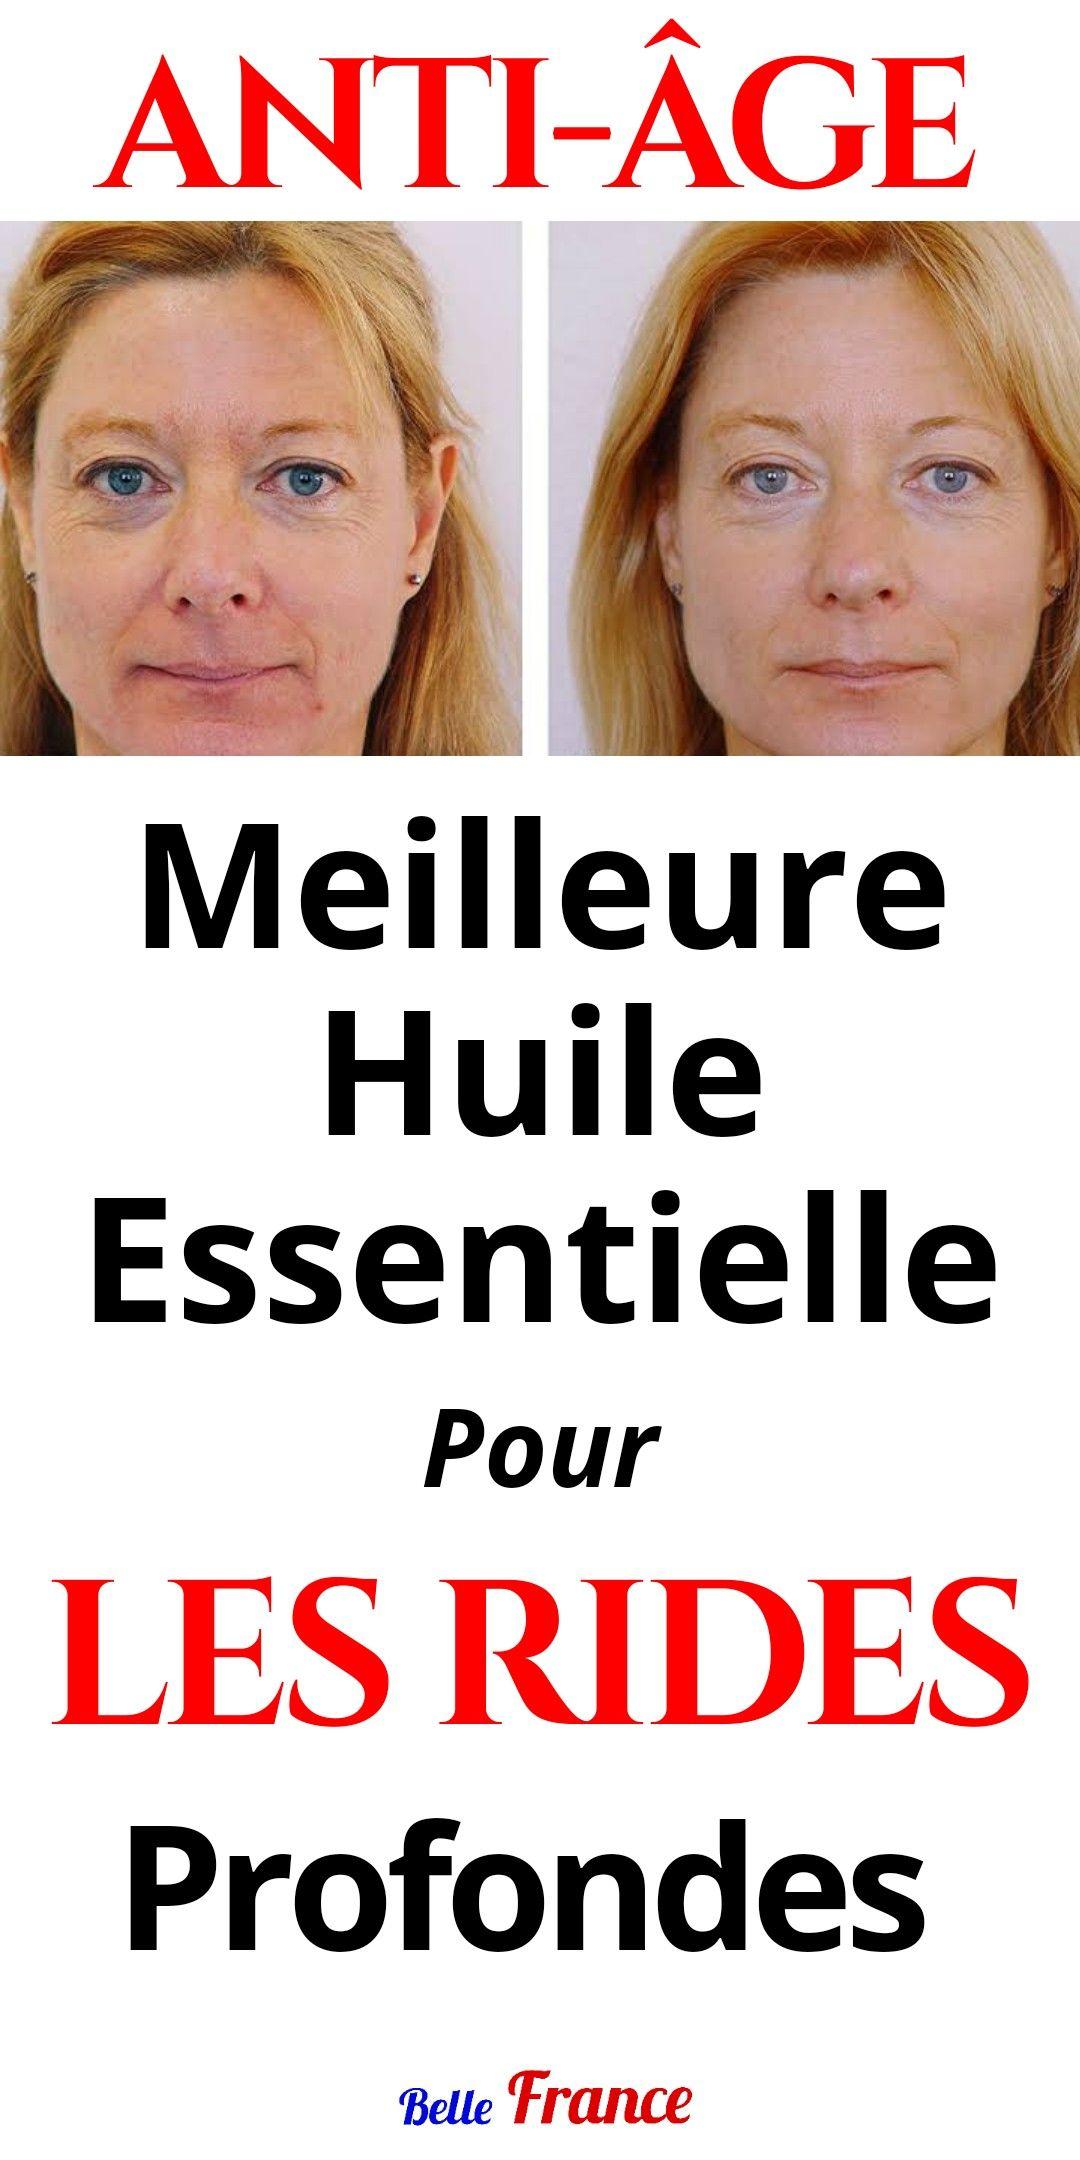 Anti âge Meilleure Huile Essentielle Pour Les Rides Profondes Blog My Beauty Fitness